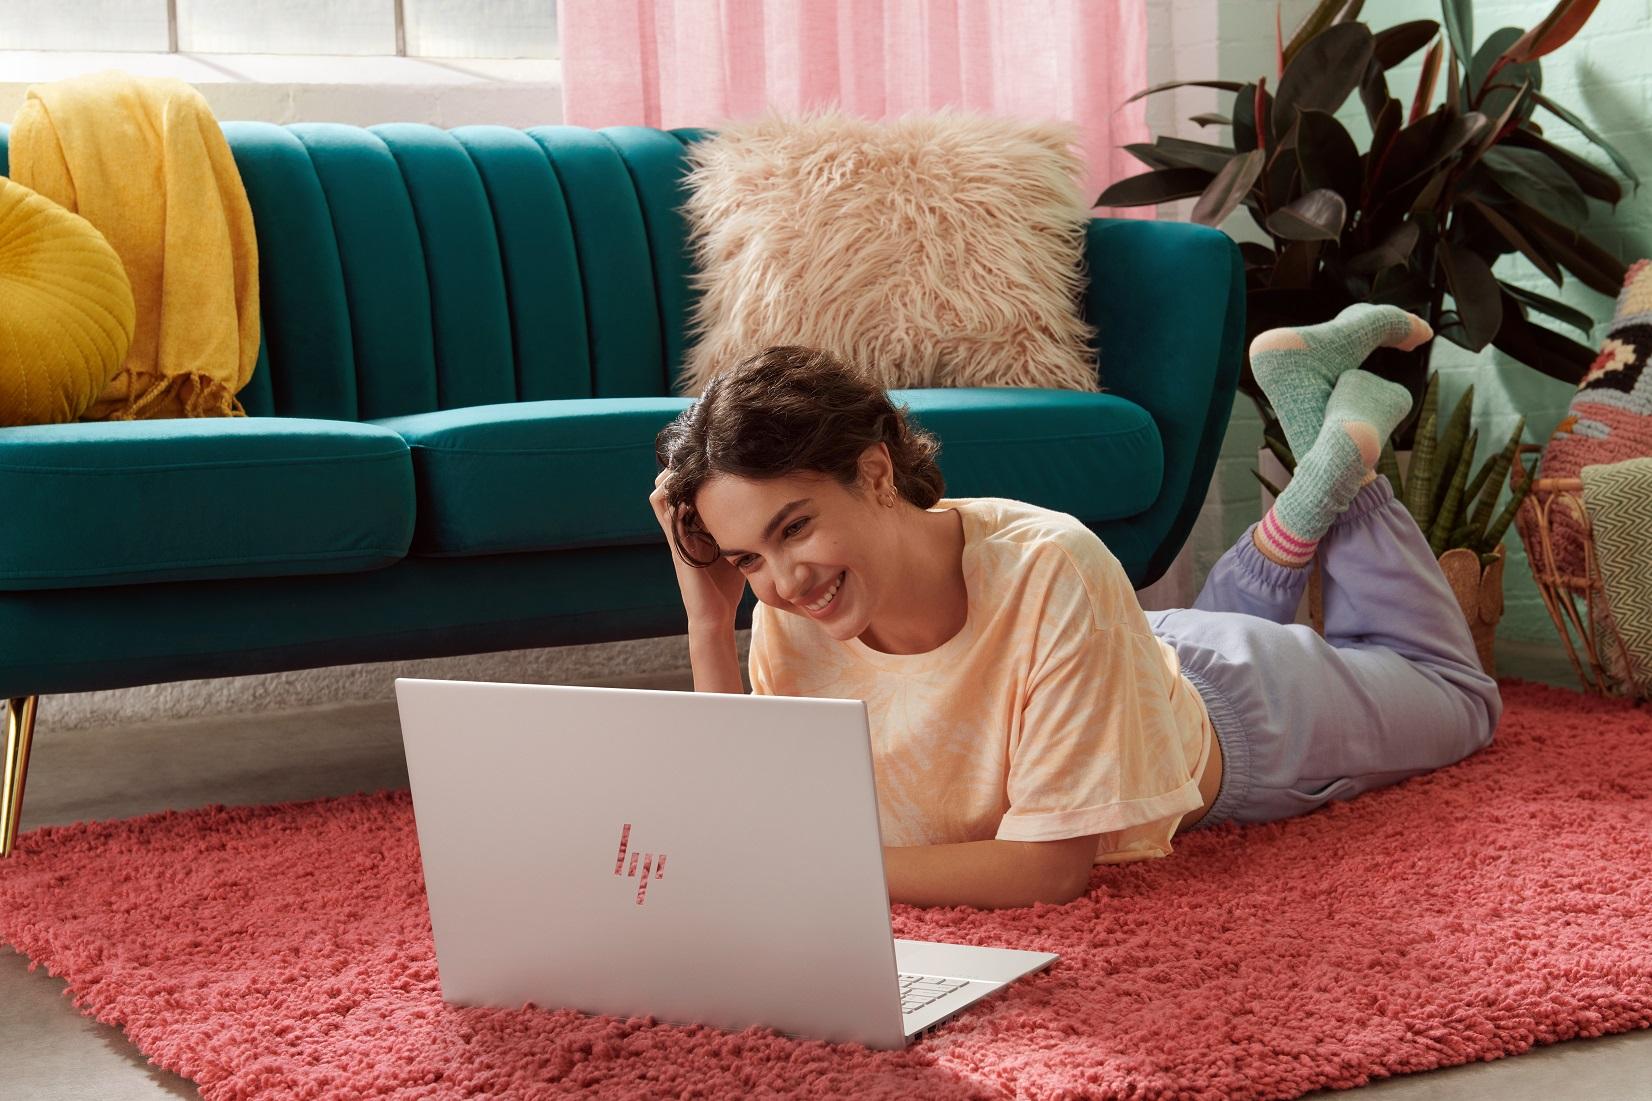 HP przedstawia nowe laptopy z serii ENVY – zaprojektowane specjalnie z myślą o twórcach, wykonane z materiałów przyjaznych środowisku